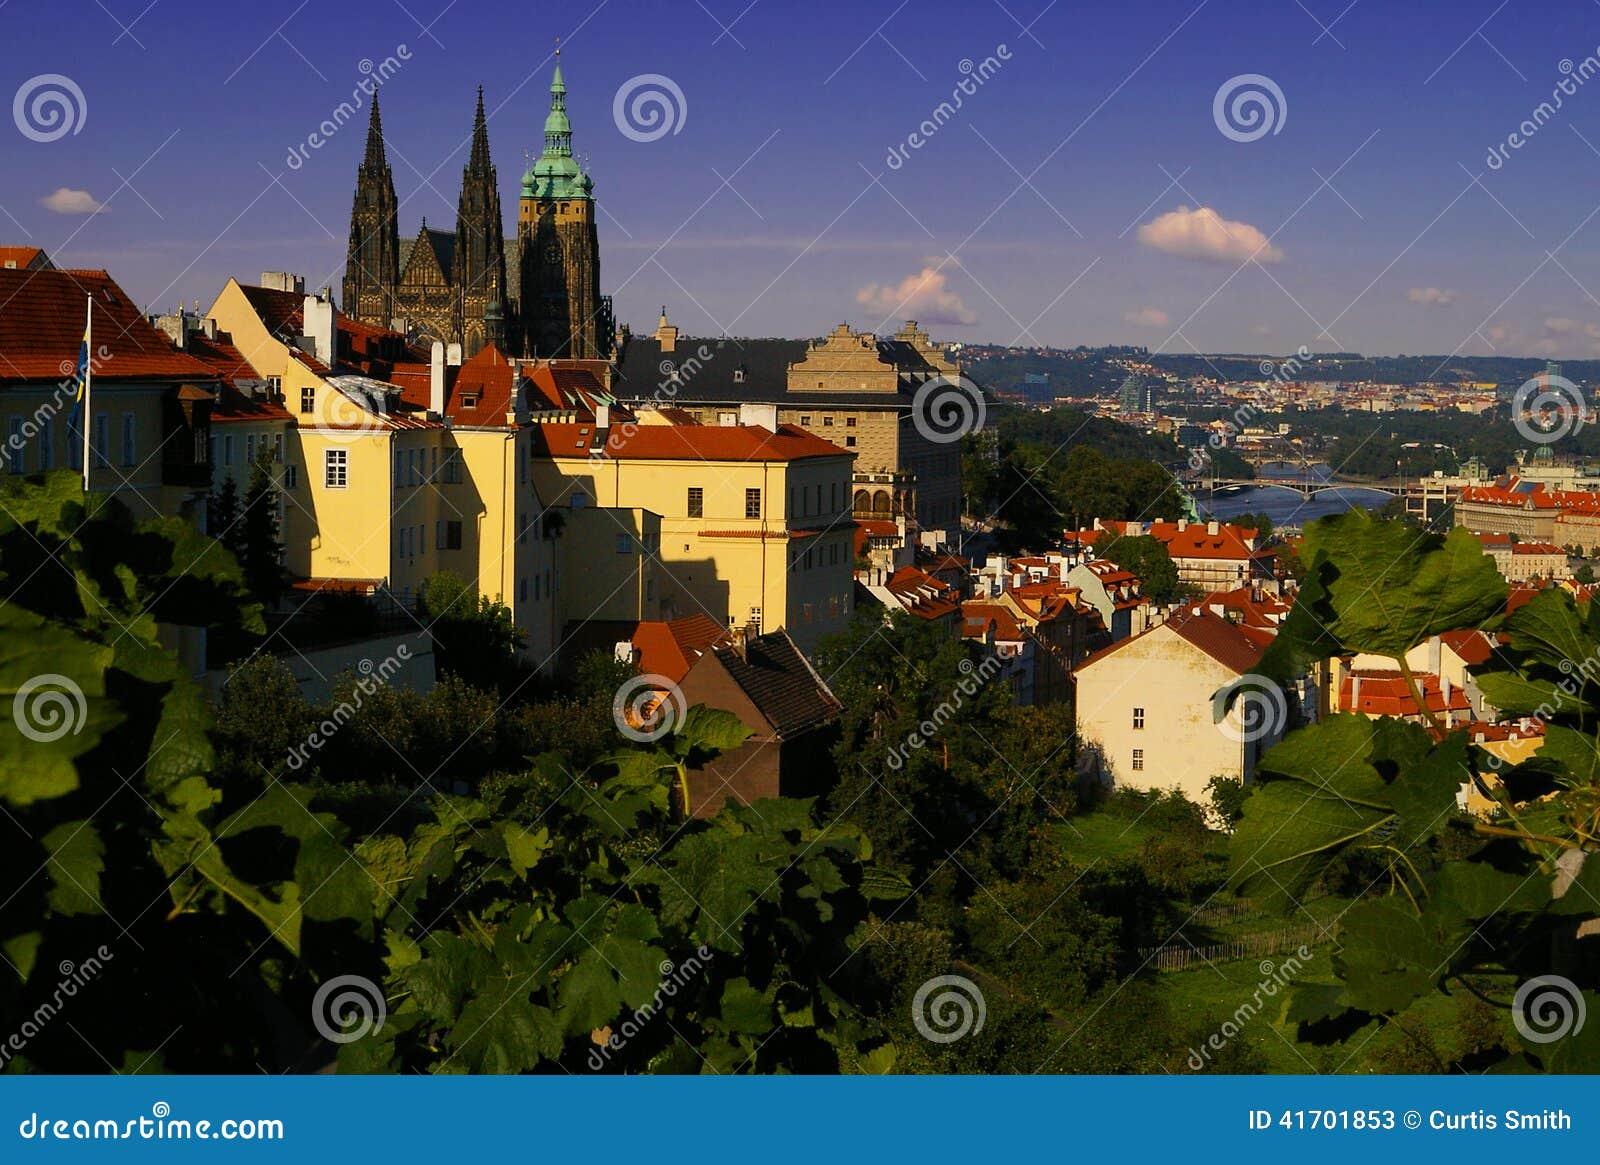 Чудесный городской пейзаж Праги с собором